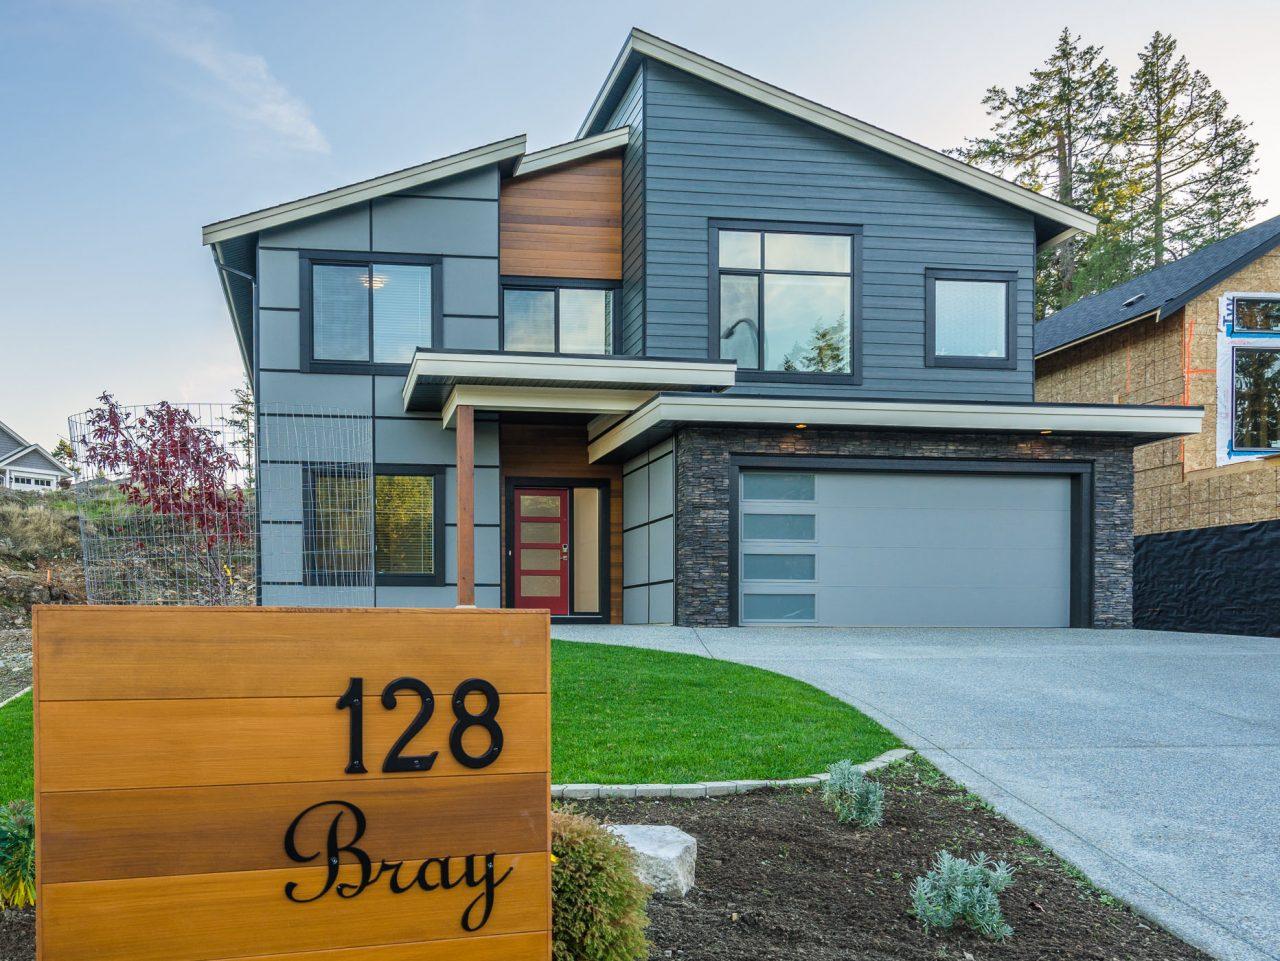 Bray Rd 128-38